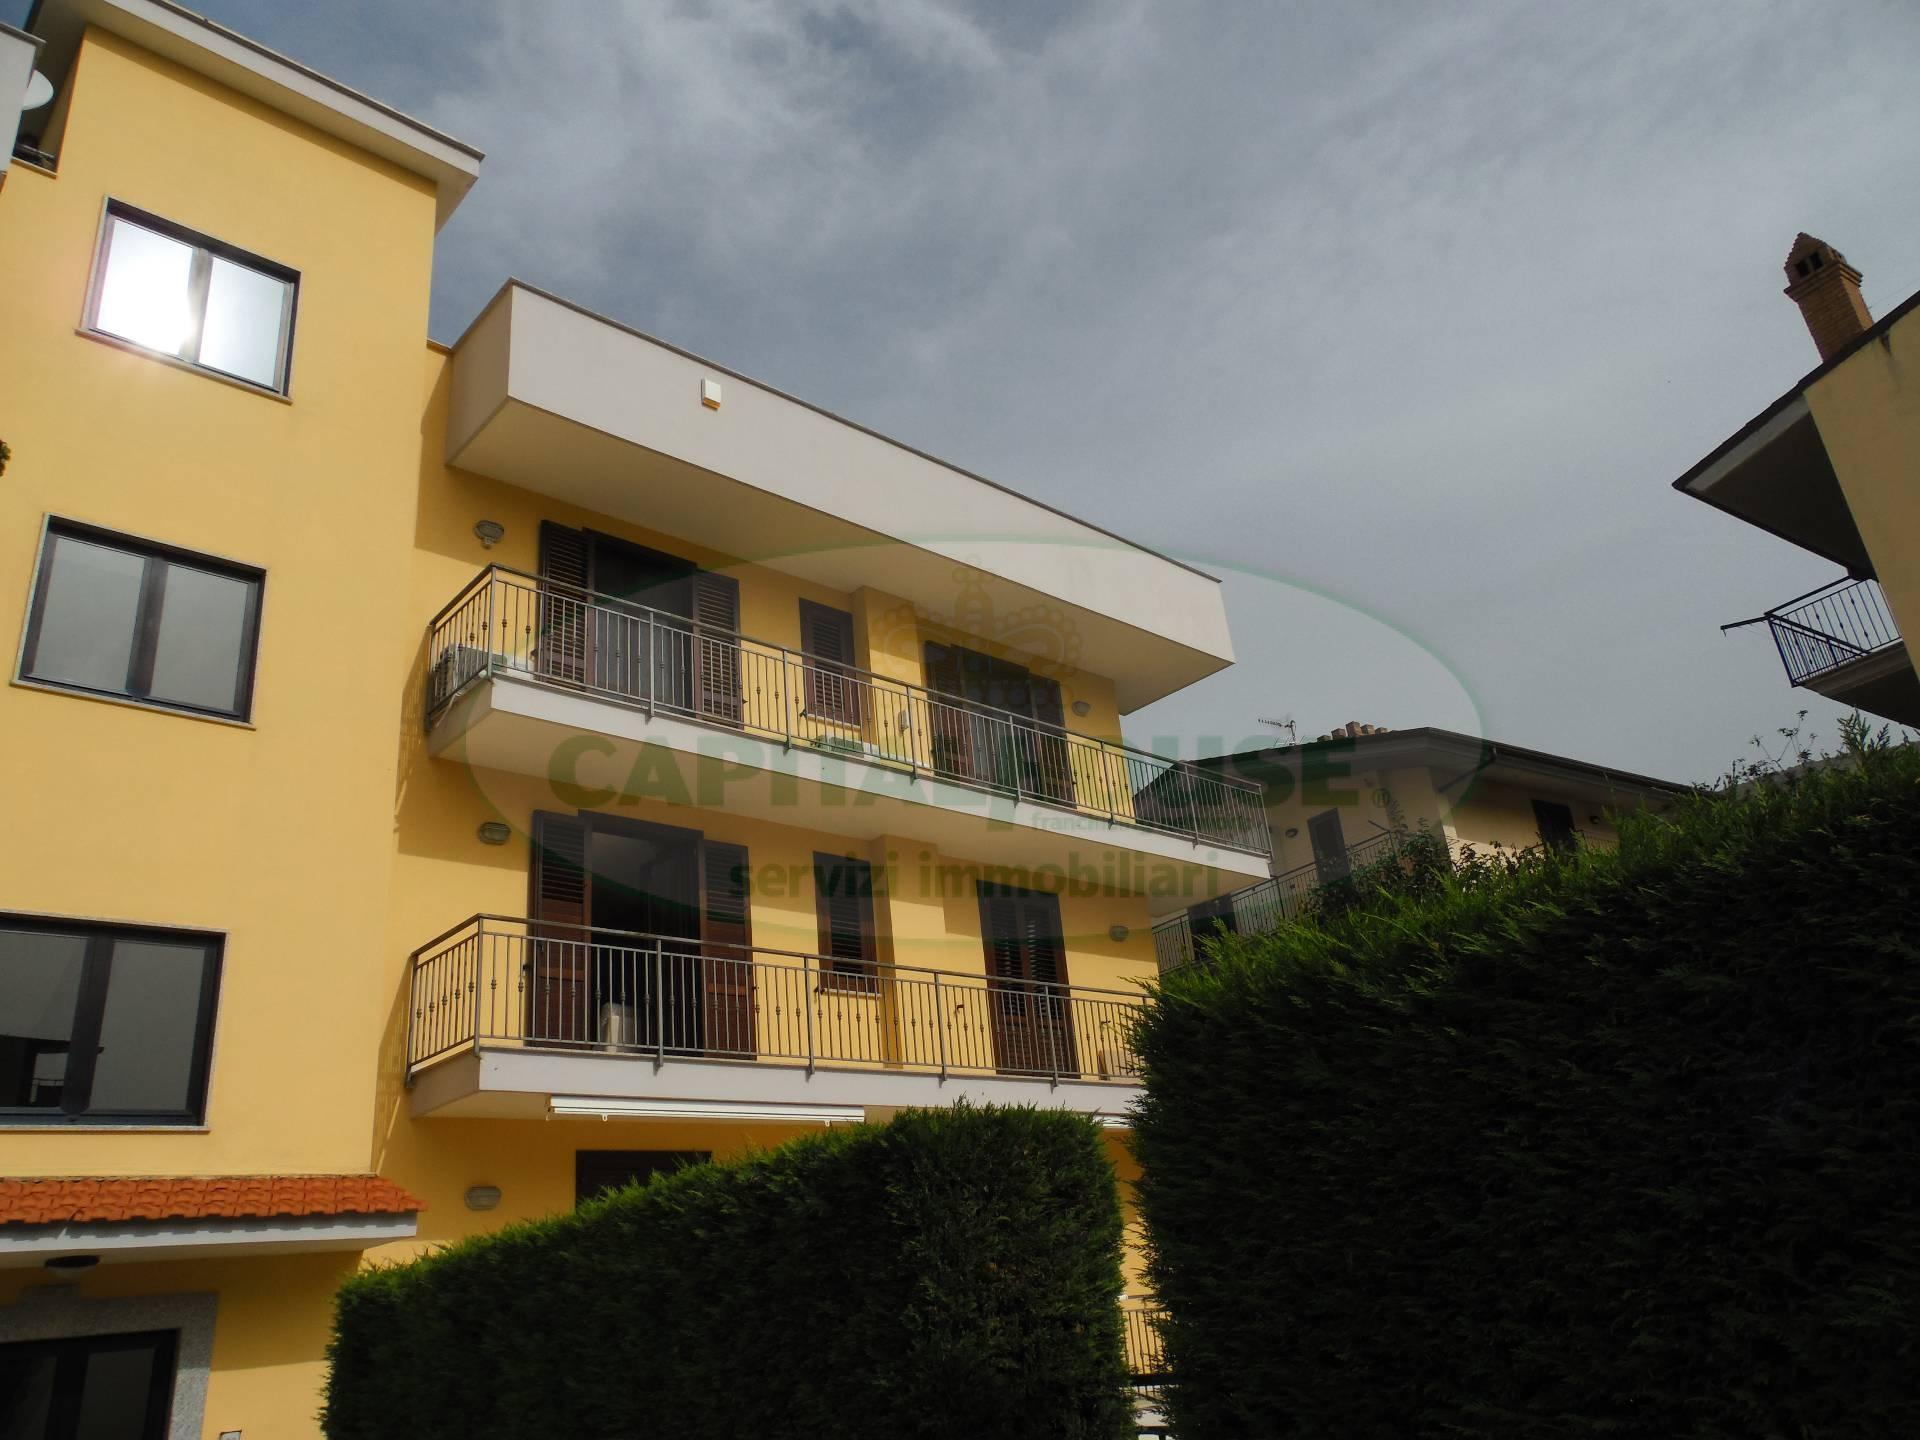 Appartamento in vendita a Sirignano, 4 locali, prezzo € 153.000 | CambioCasa.it